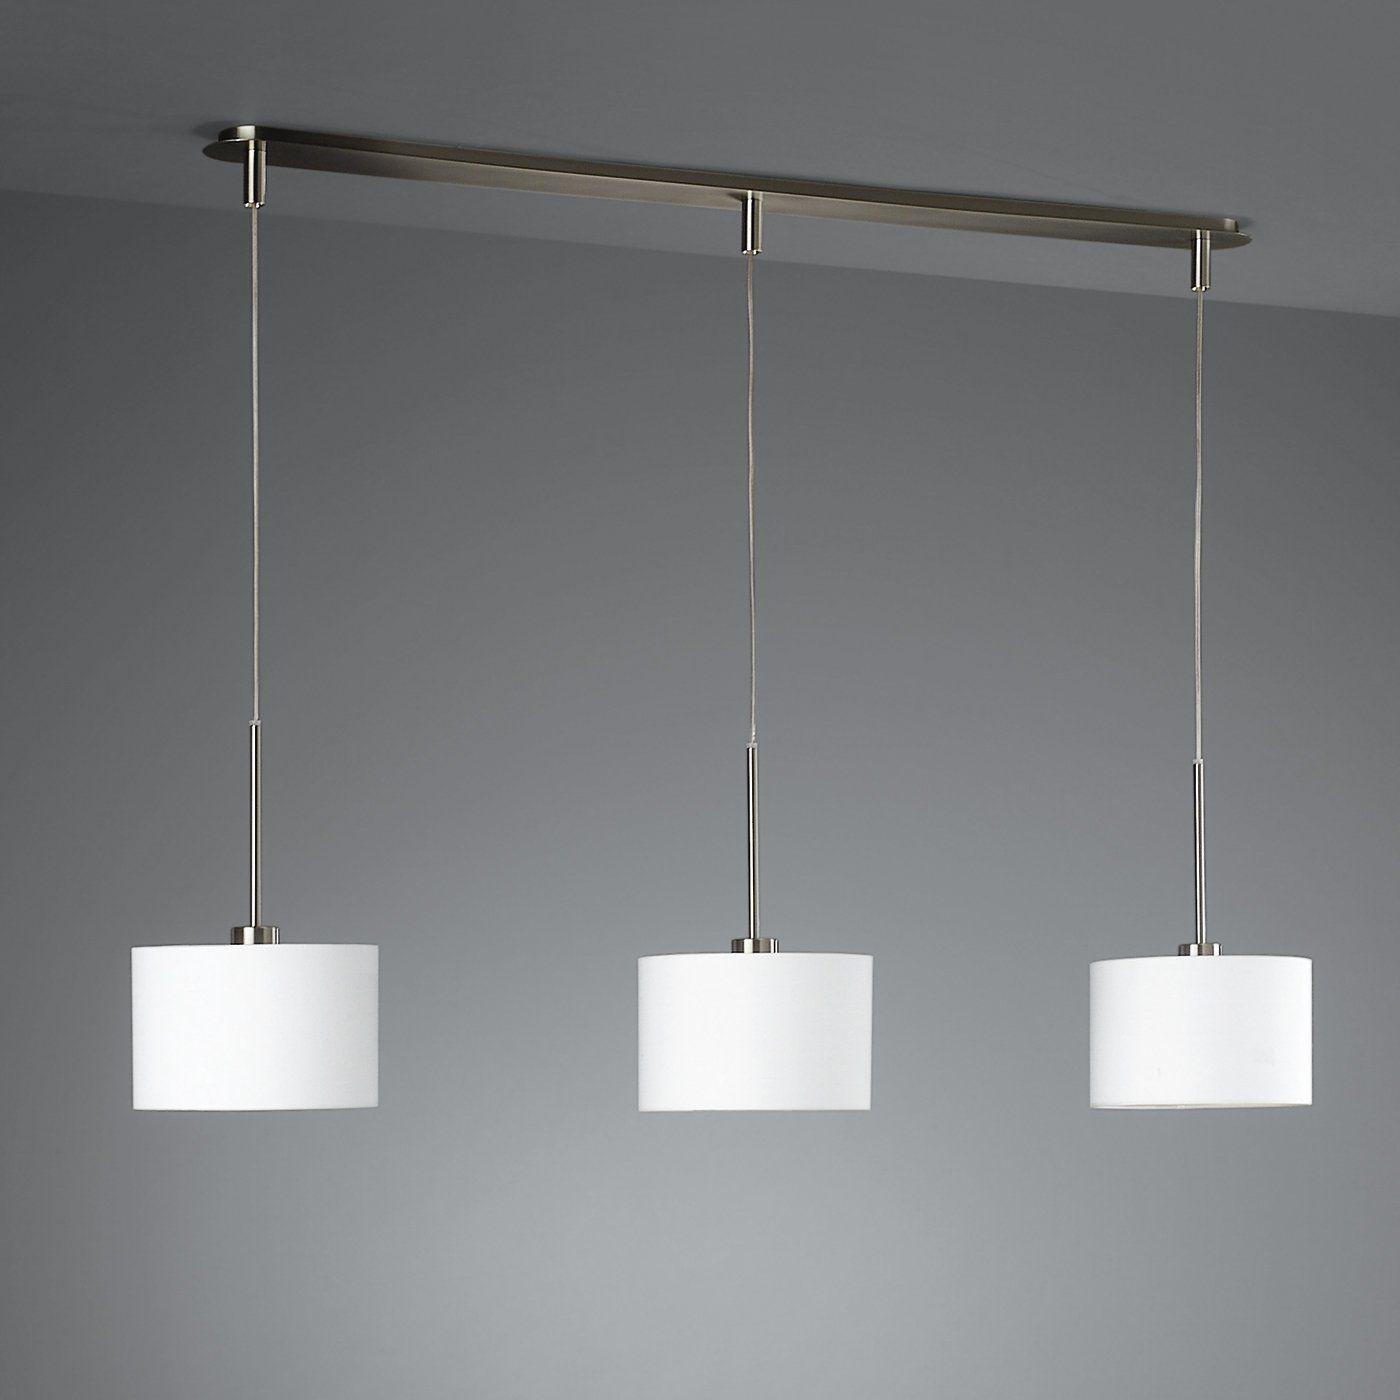 Bathroom Lighting Universe philips 362763248 3 light roomstylers adjustable height multi